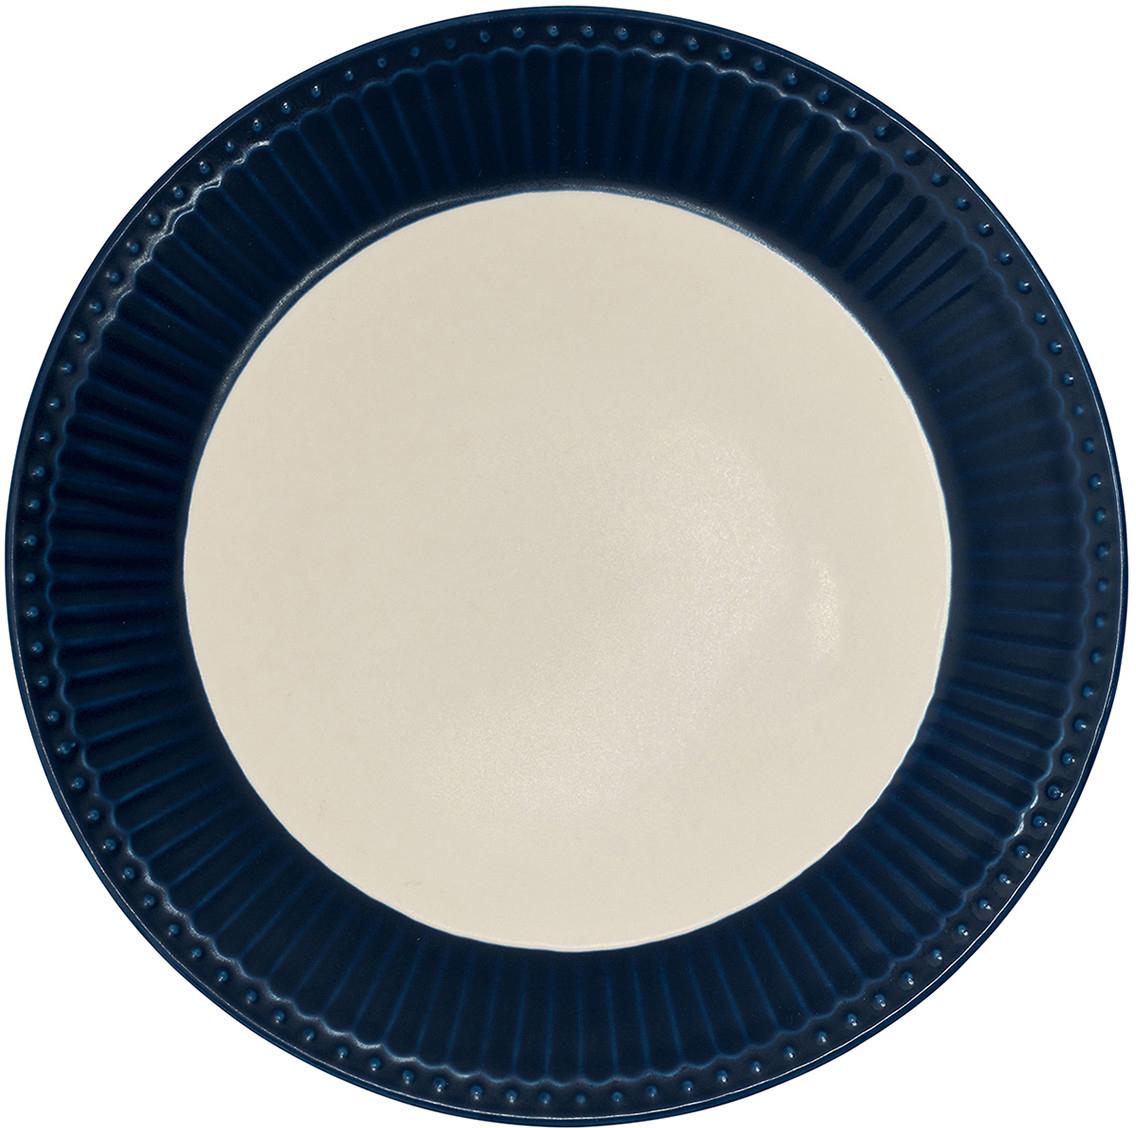 Тарелка датского производства Alice dark blue, выполненная из высококачественного фарфора, несомненно, станет украшением как праздничного стола, так и повседневной сервировки.  Базовая коллекция Alice создана для идеального сочетания посуды ранних и будущих коллекций Greengate. Впервые появилась в каталогах в 2016 году и с тех пор завоевала миллионы сердец своей универсальностью, насыщенными цветами и разнообразием посудной линейки. Alice dark blue – настоящая находка для тех, кто хочет освежить сервировку, придать ей благородные нотки классическим и глубоким синим цветом. Разнообразие предметов посуды в линейке позволяет коллекции быть как базой, так и связующим звеном с цветочными орнаментами коллекций Amanda indigo, Audrey indigo, Sally и с др.